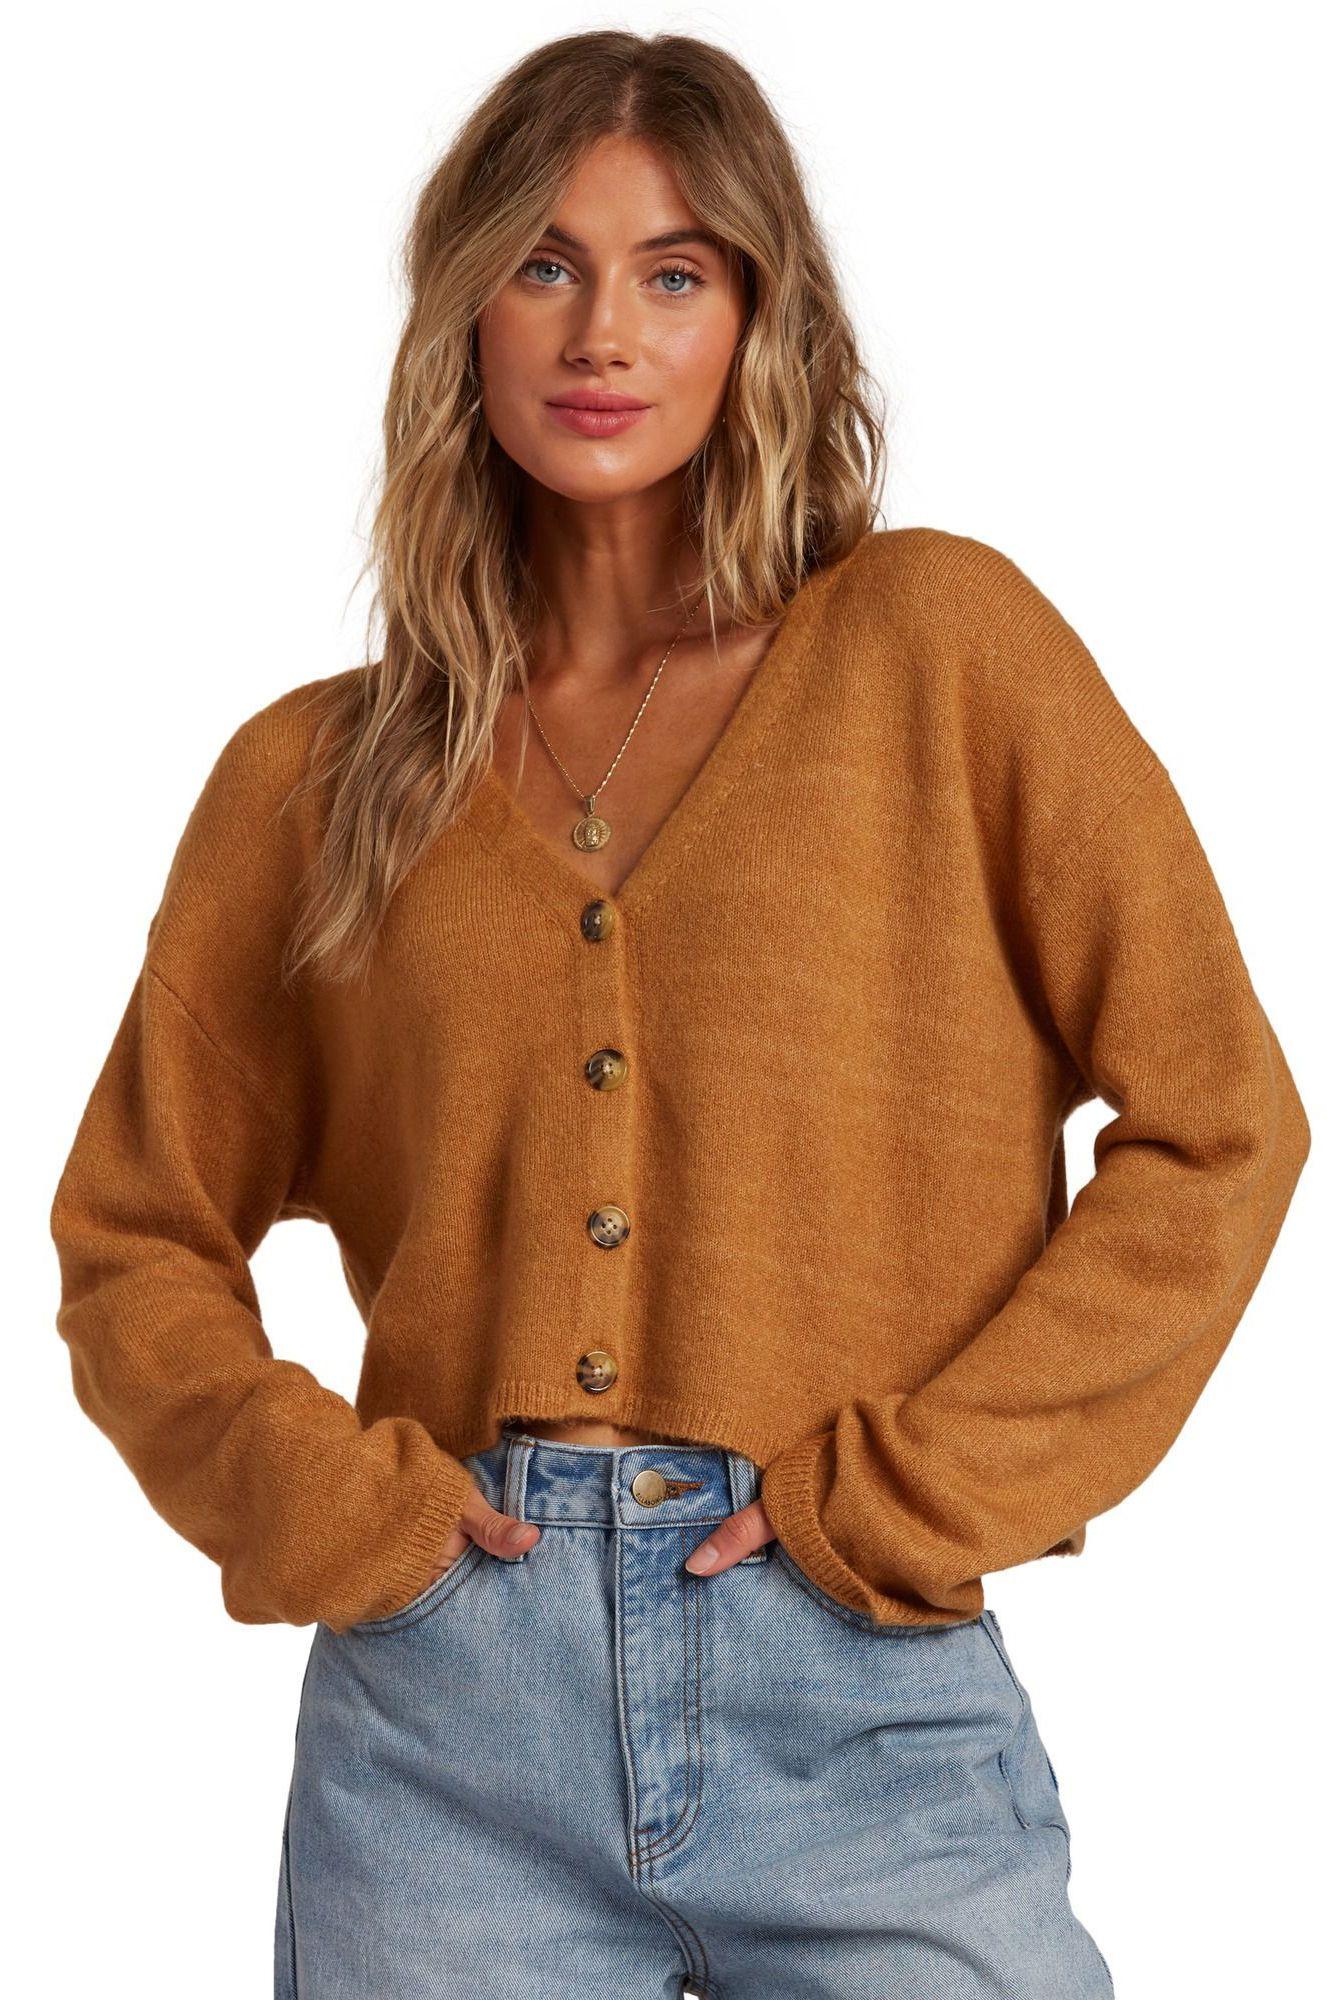 Billabong Sweater SHORT N SWEET A DAY DREAM AWAY Canyon